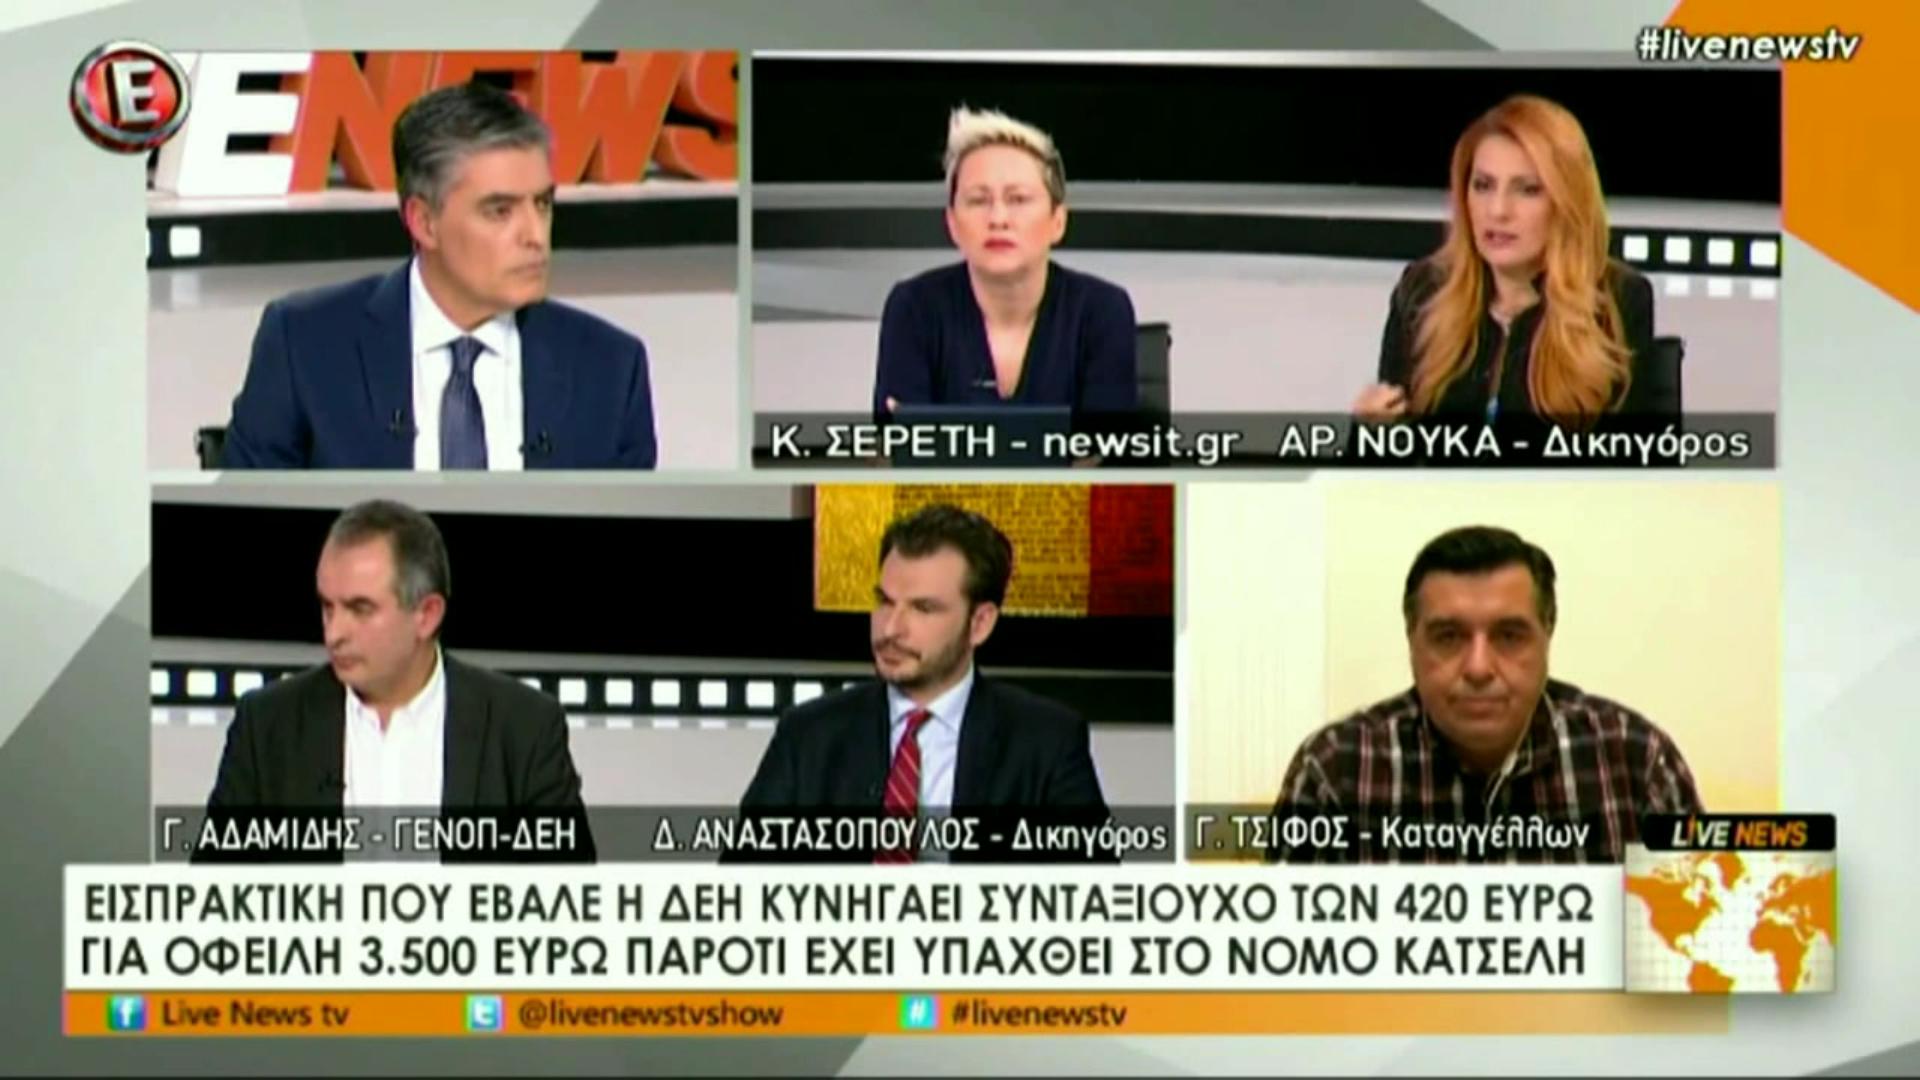 Ο Γ. Αδαμίδης για τις εισπρακτικές και το κοινωνικό πρόσωπο της ΔΕΗ στο livenews με το Ν. Ευαγγελάτο